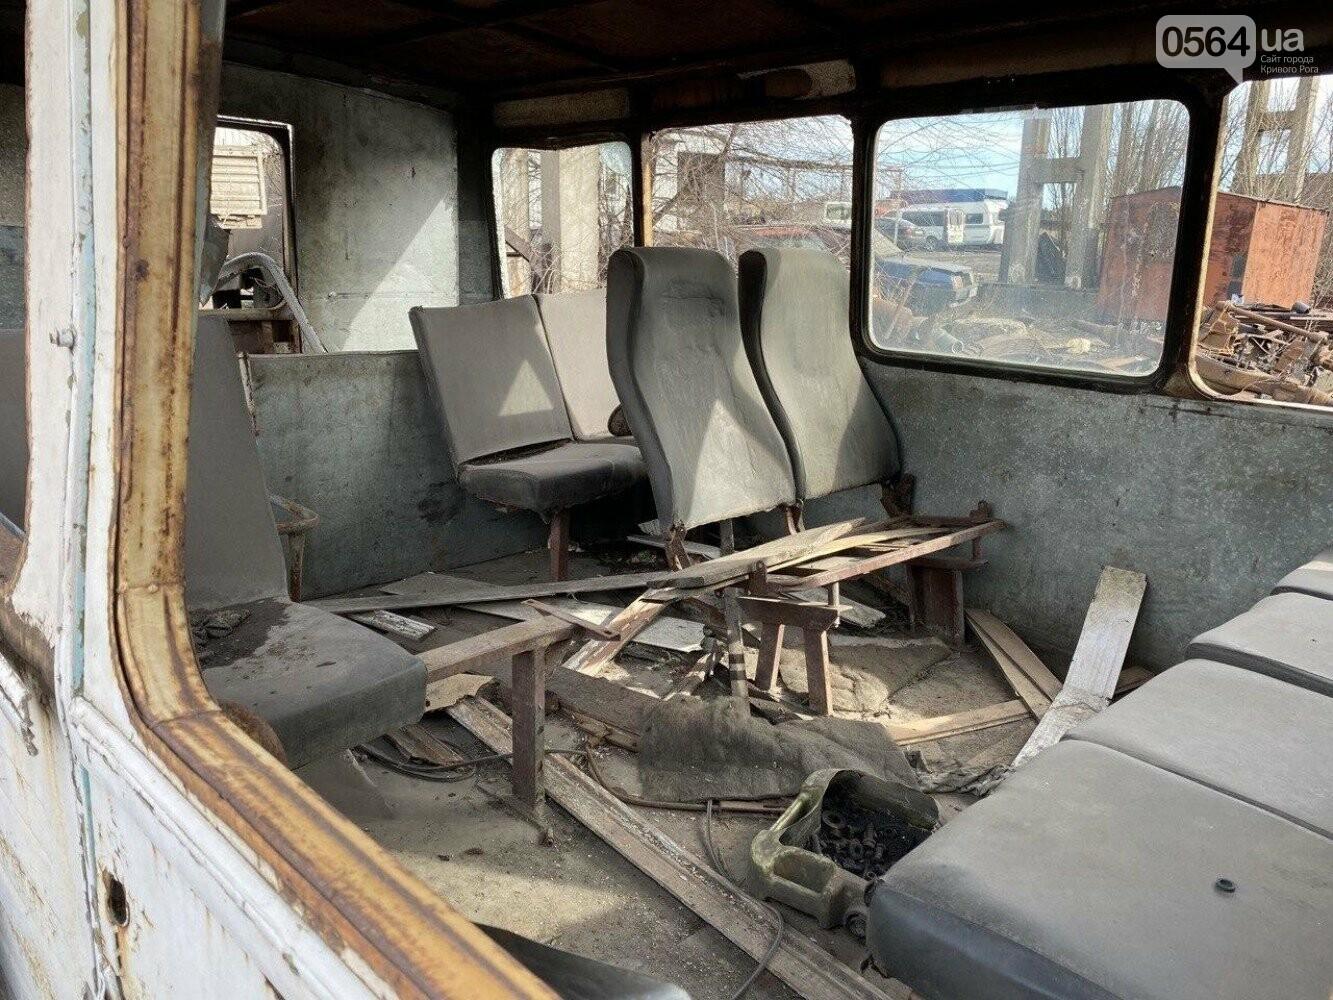 В Кривом Роге за 3,5 тысячи продали имущество фирмы-банкрота, - ФОТО , фото-3